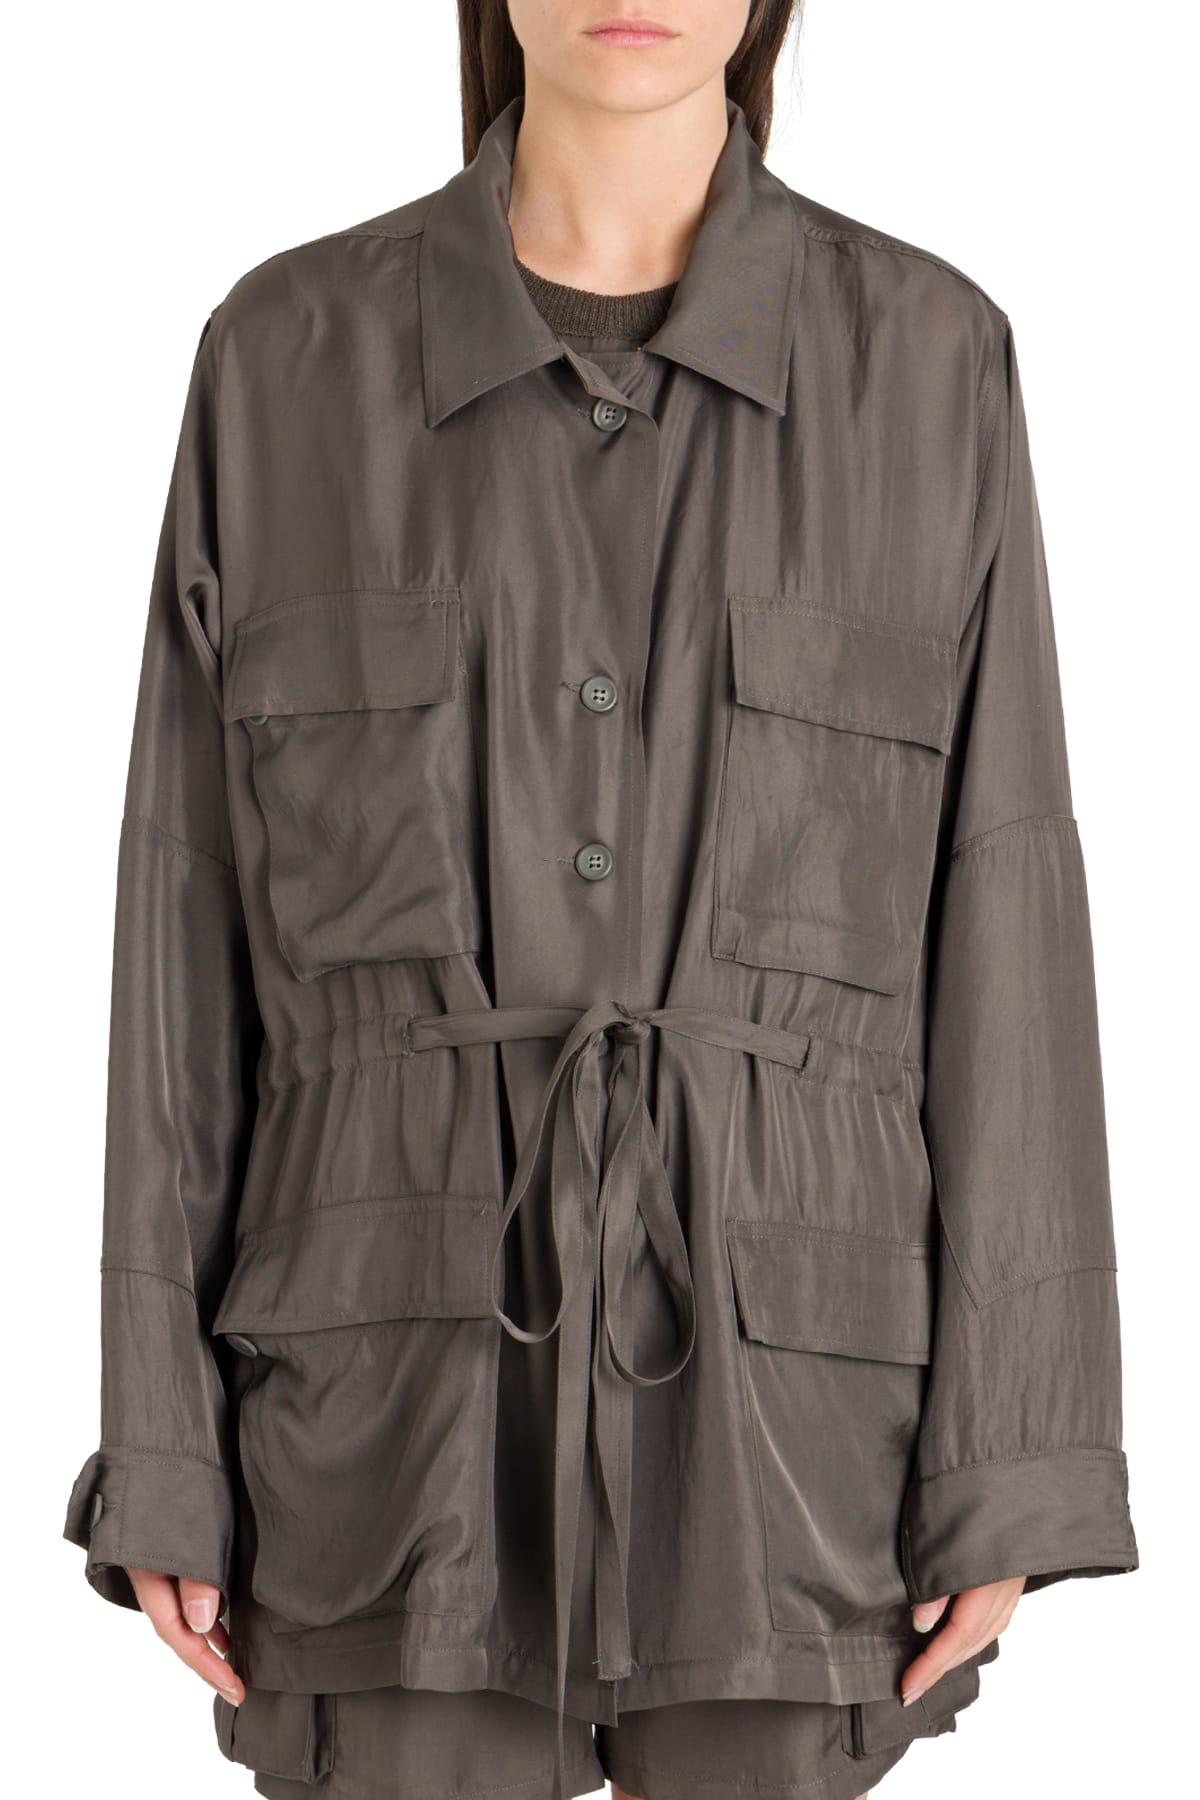 Parosh Cady Safari Jacket